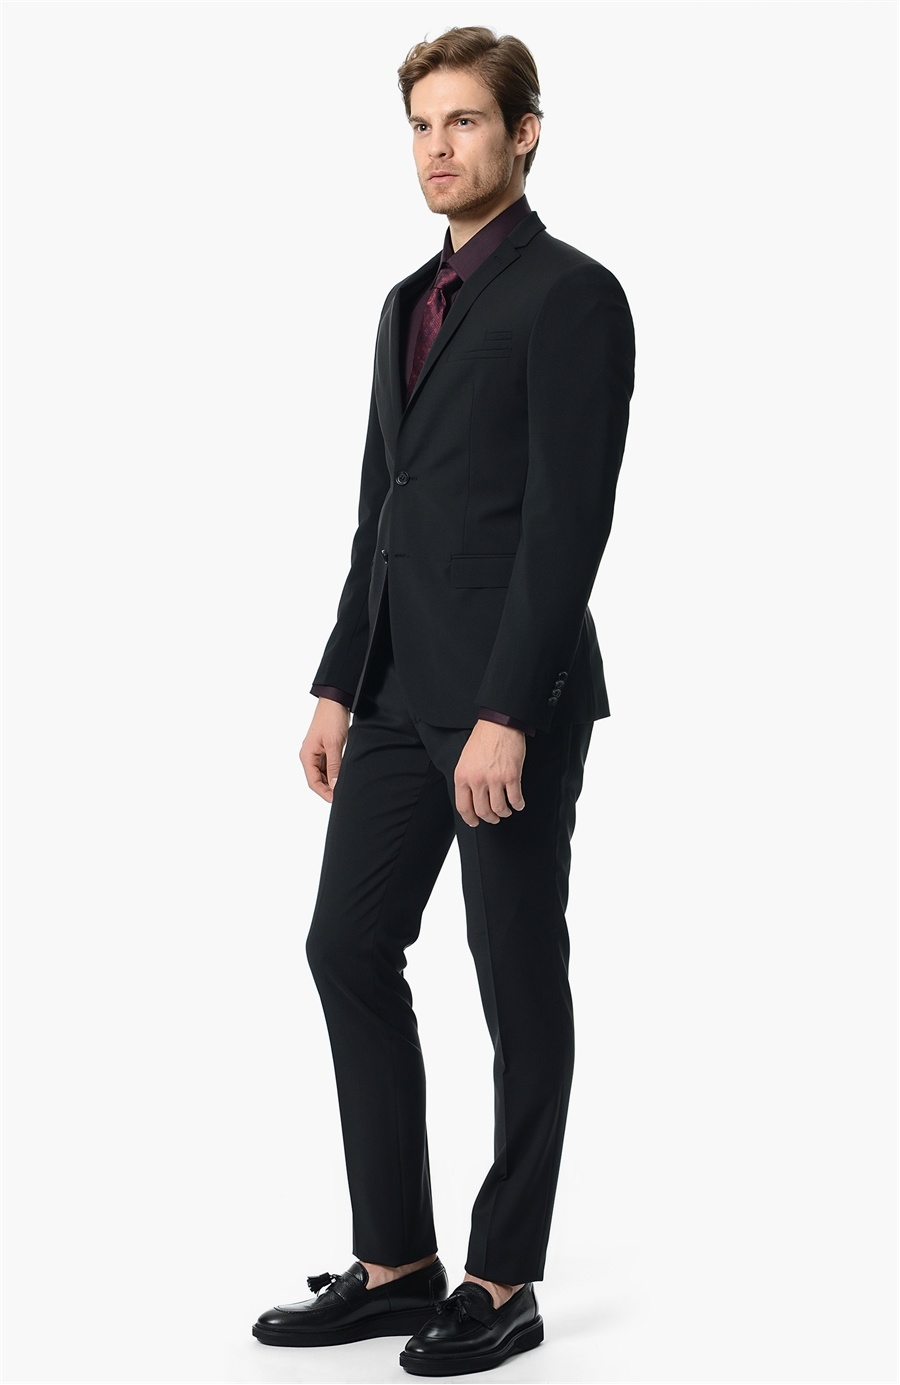 Siyah Takım Elbise Bordo Kravat